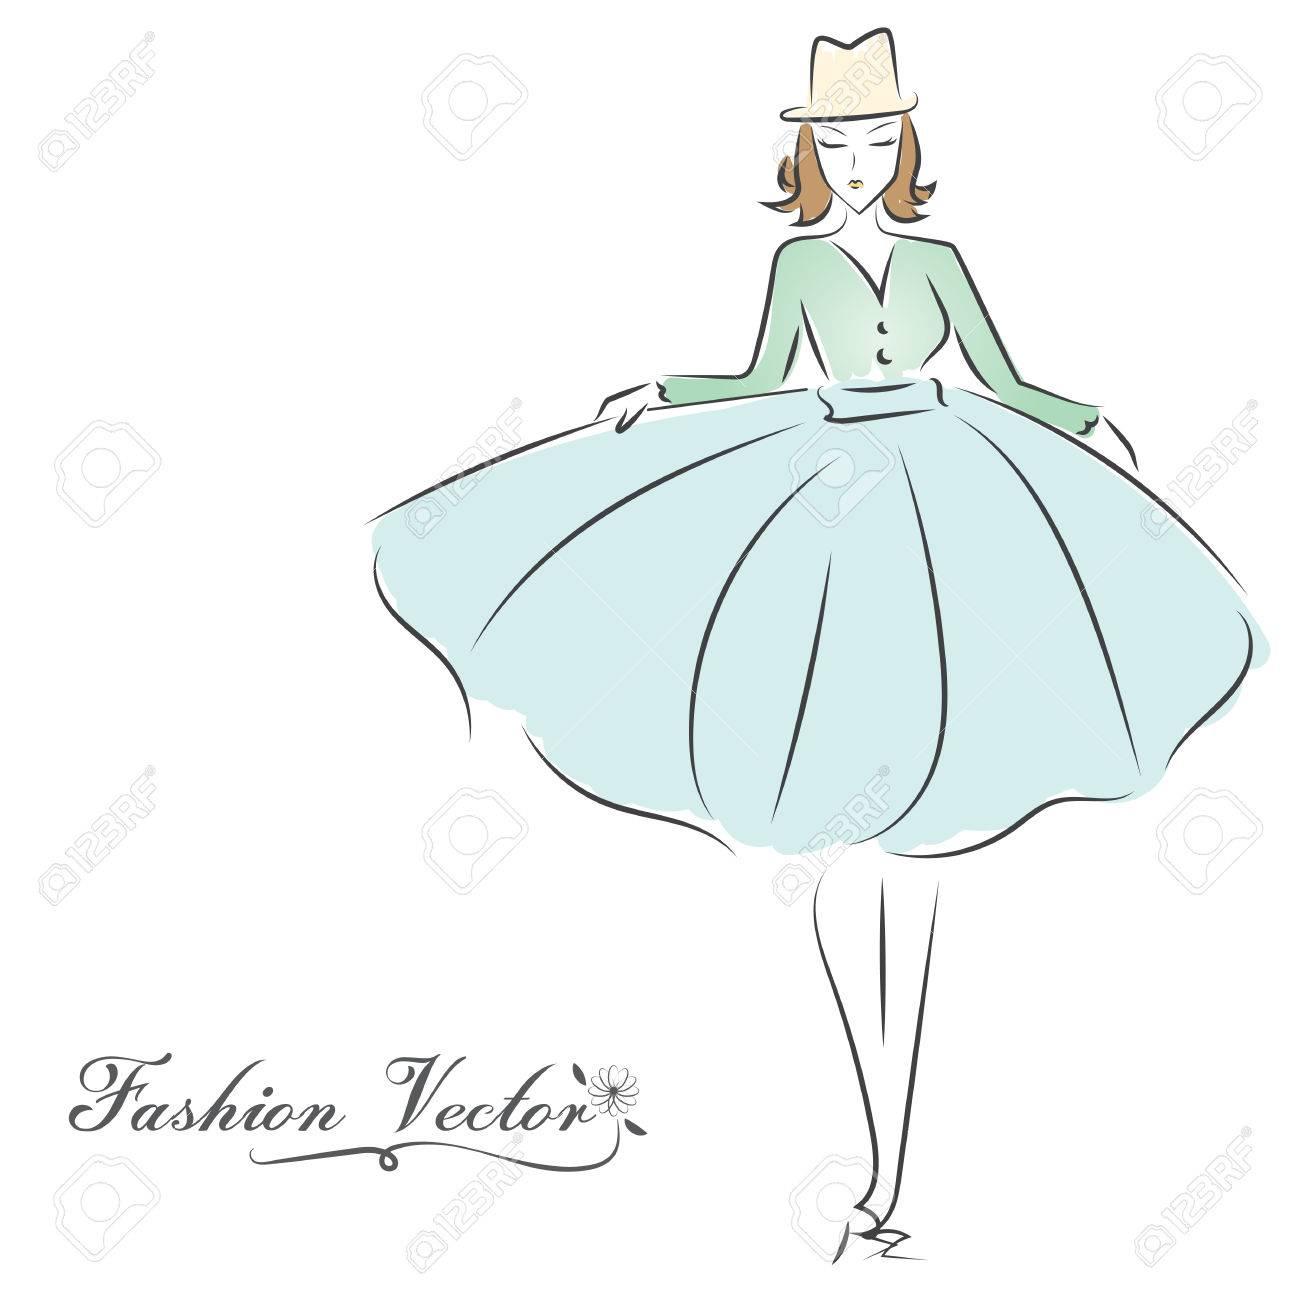 Fashion dresses drawings